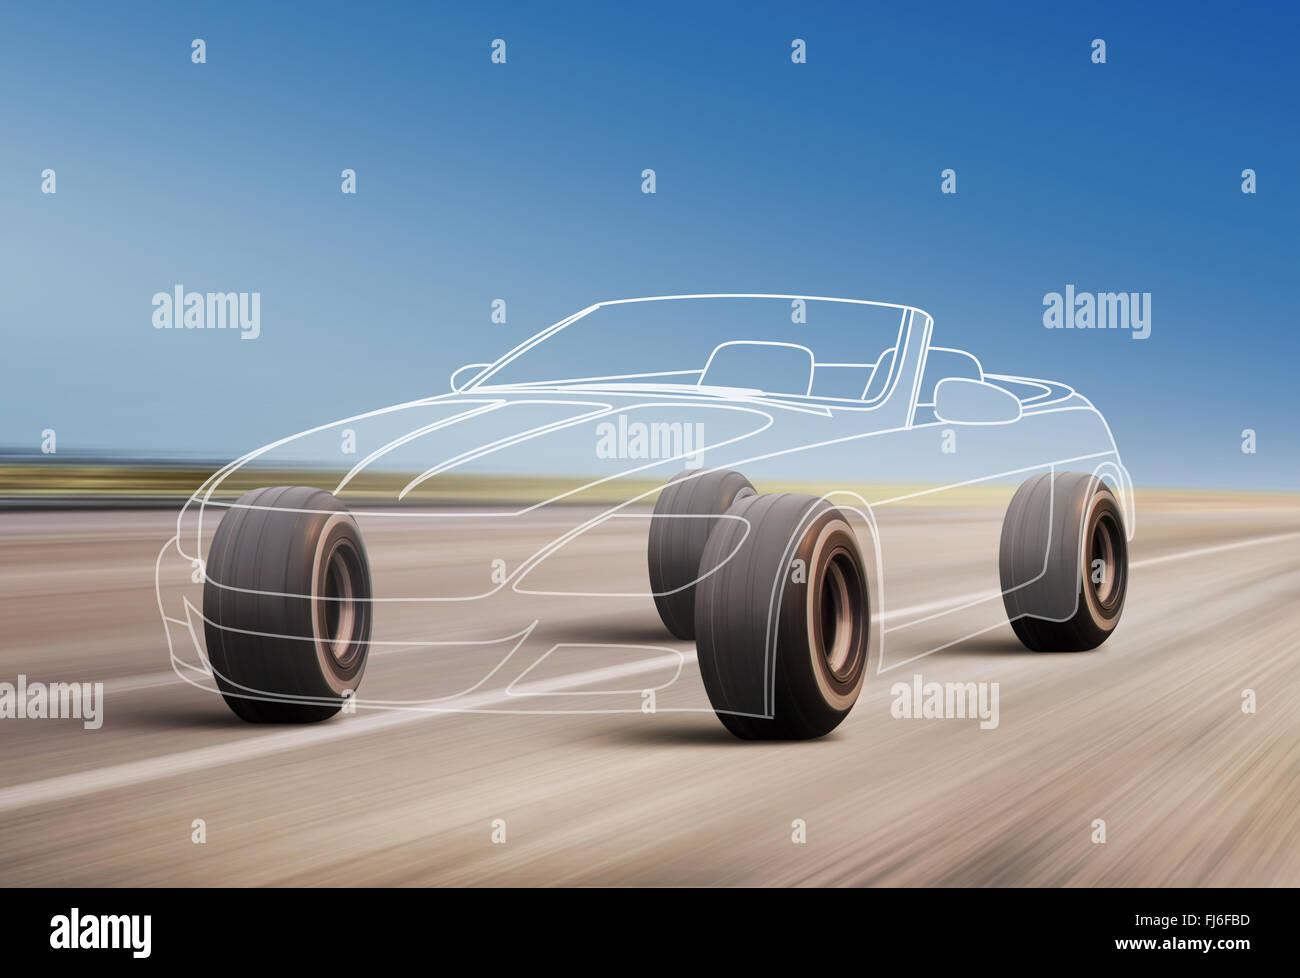 Location de contours et les roues se précipite sur route avec vitesse élevée Photo Stock